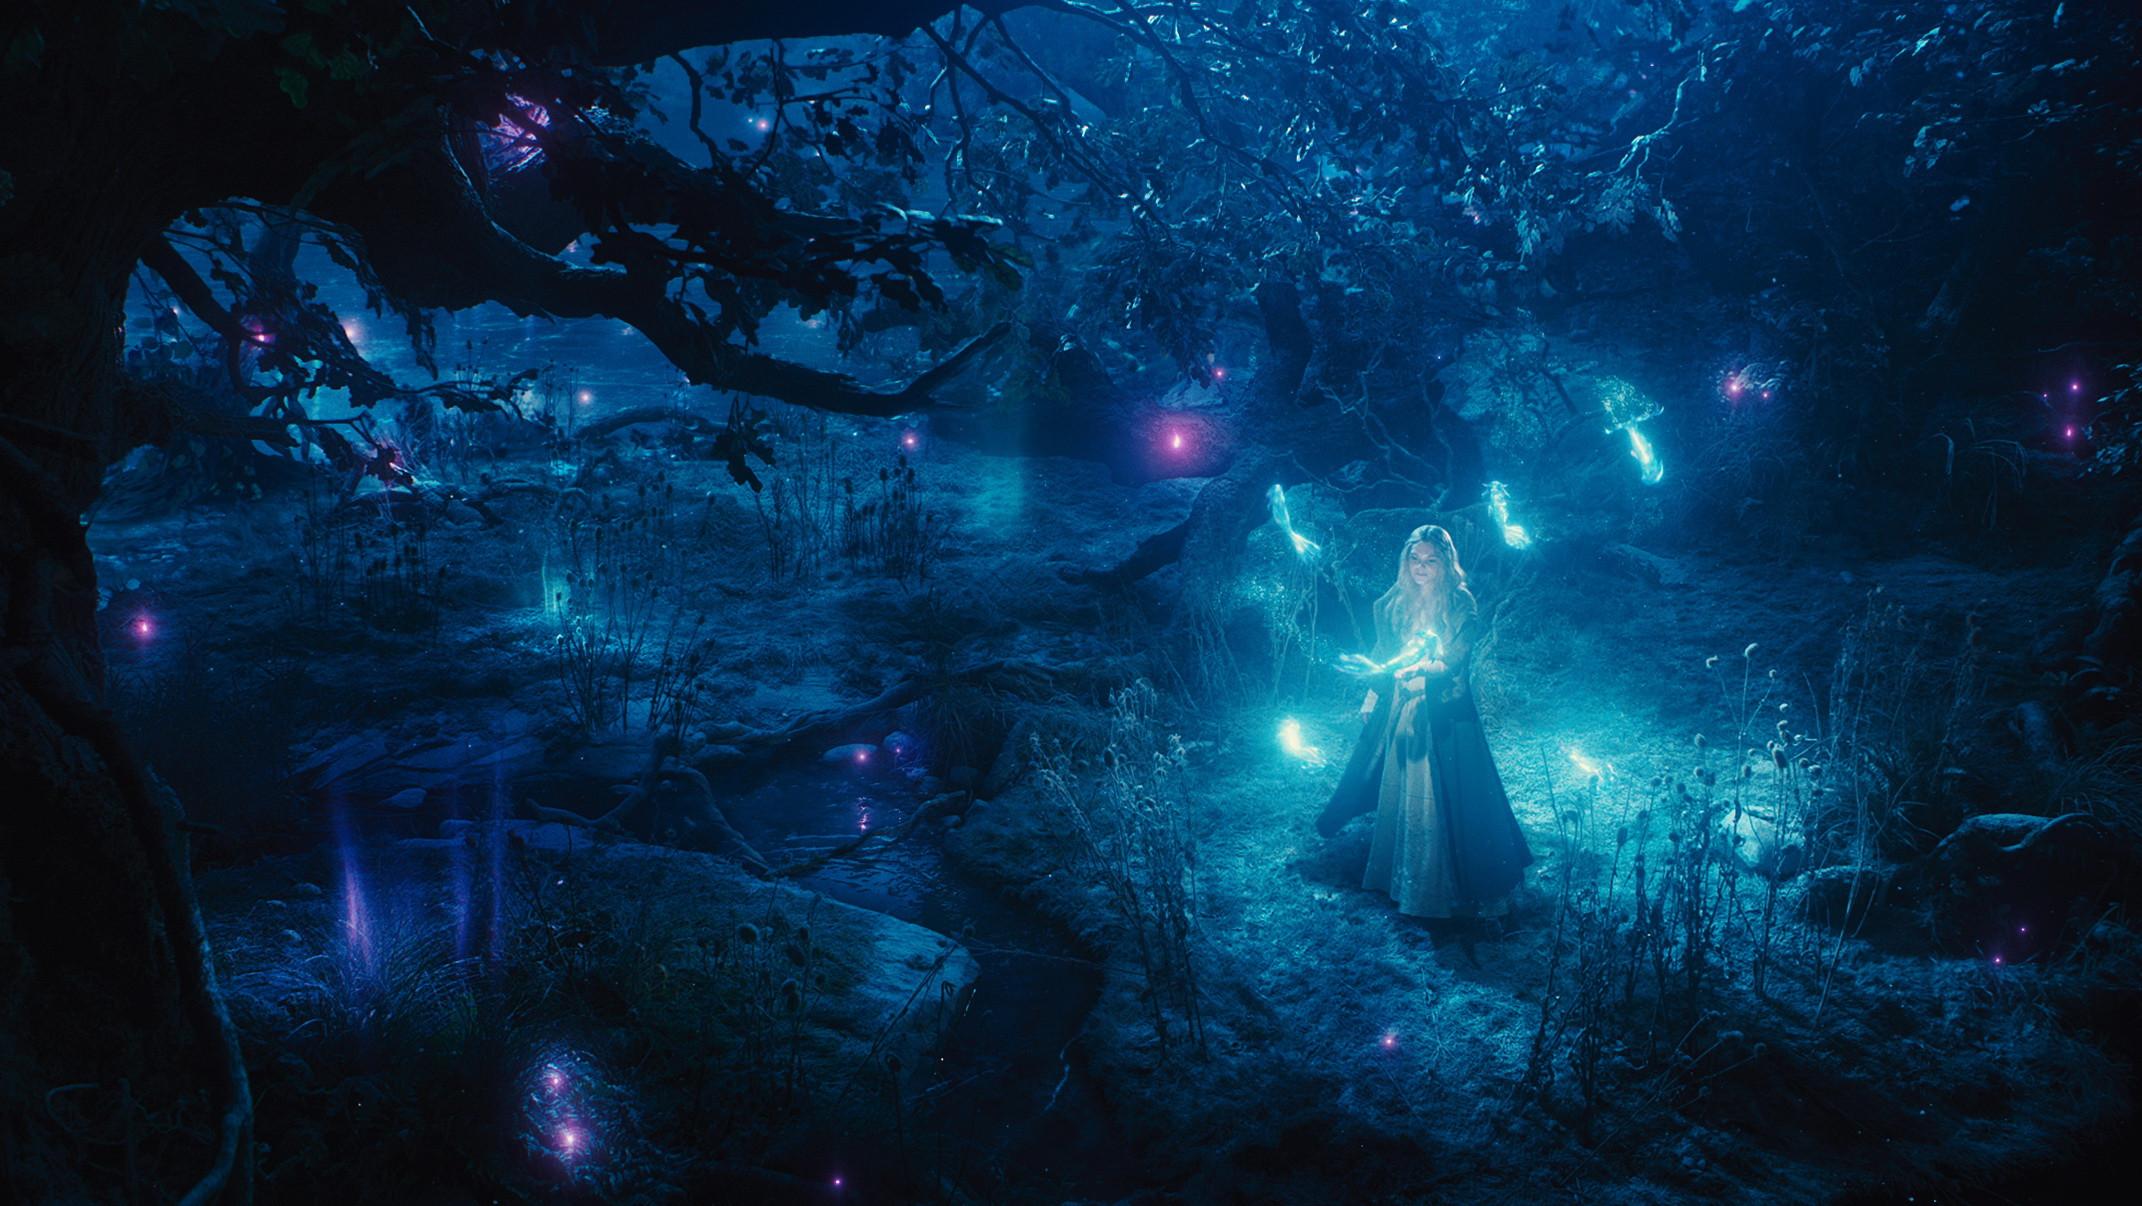 14 New Stills From Disney's 'Maleficent' – We Geek Girls